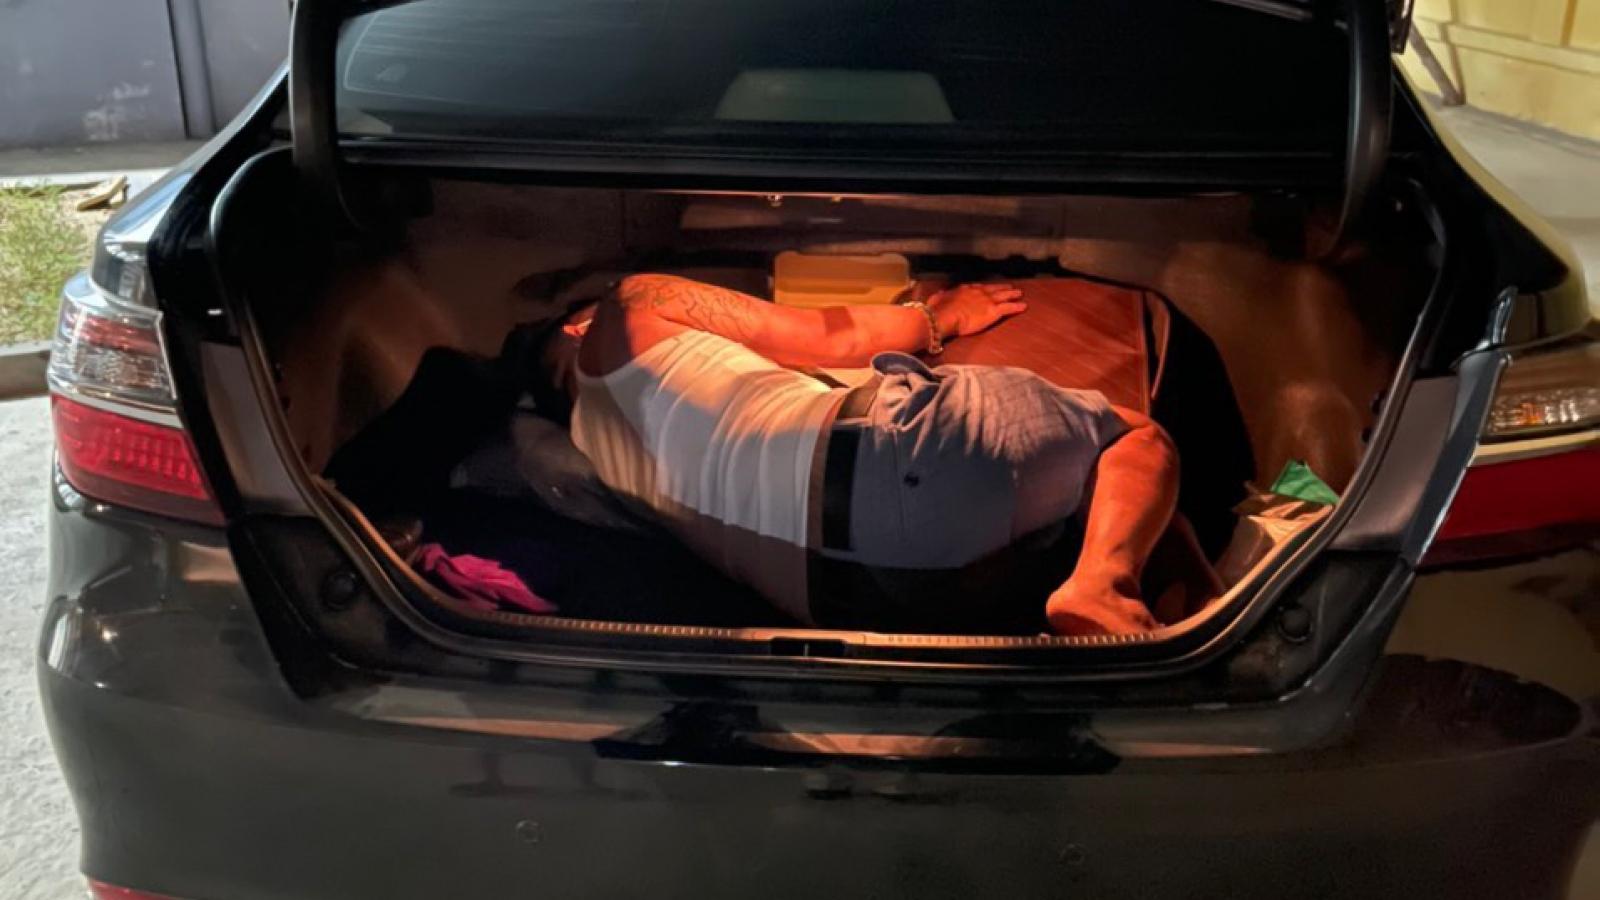 Tài xế dùng giấy xét nghiệm hết hạn, giấu người trong cốp xe hòng trốn khai báo